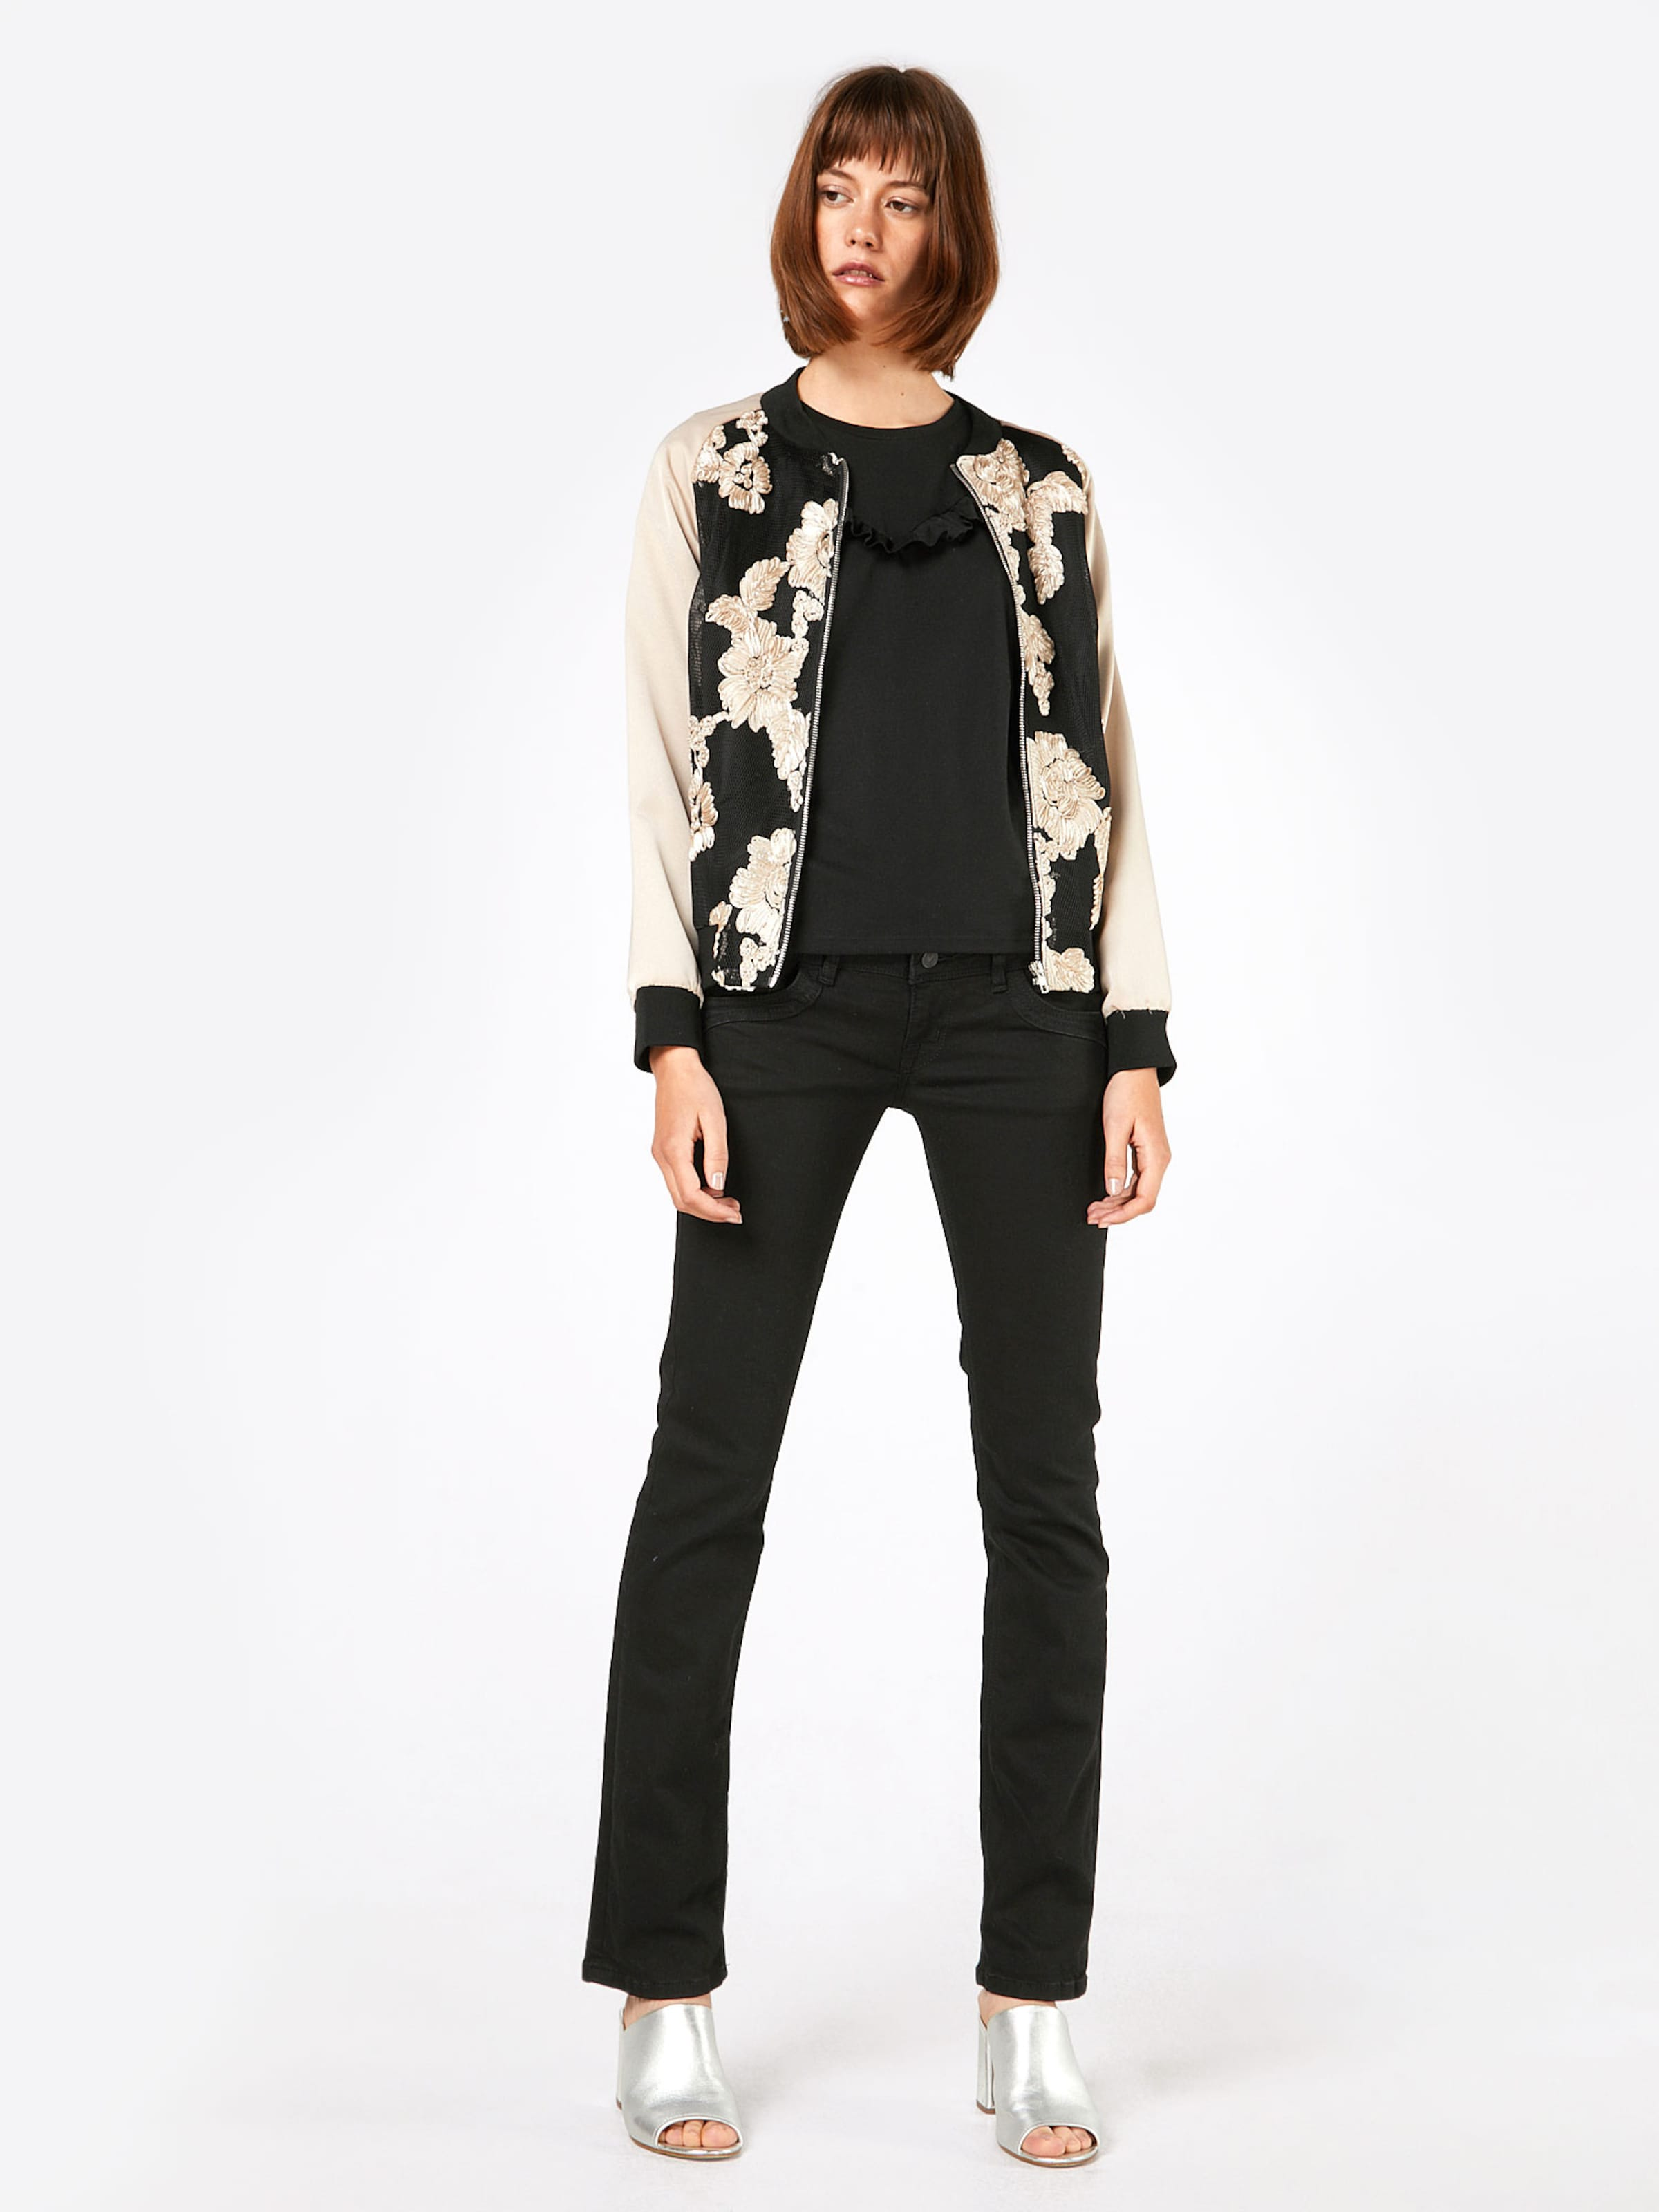 LTB Jeans im Used Look 'Jonquil' Offizielle Seite Online Sammlungen Günstiger Preis Großhandelspreis Günstig Online Billige Breite Palette Von czZurU